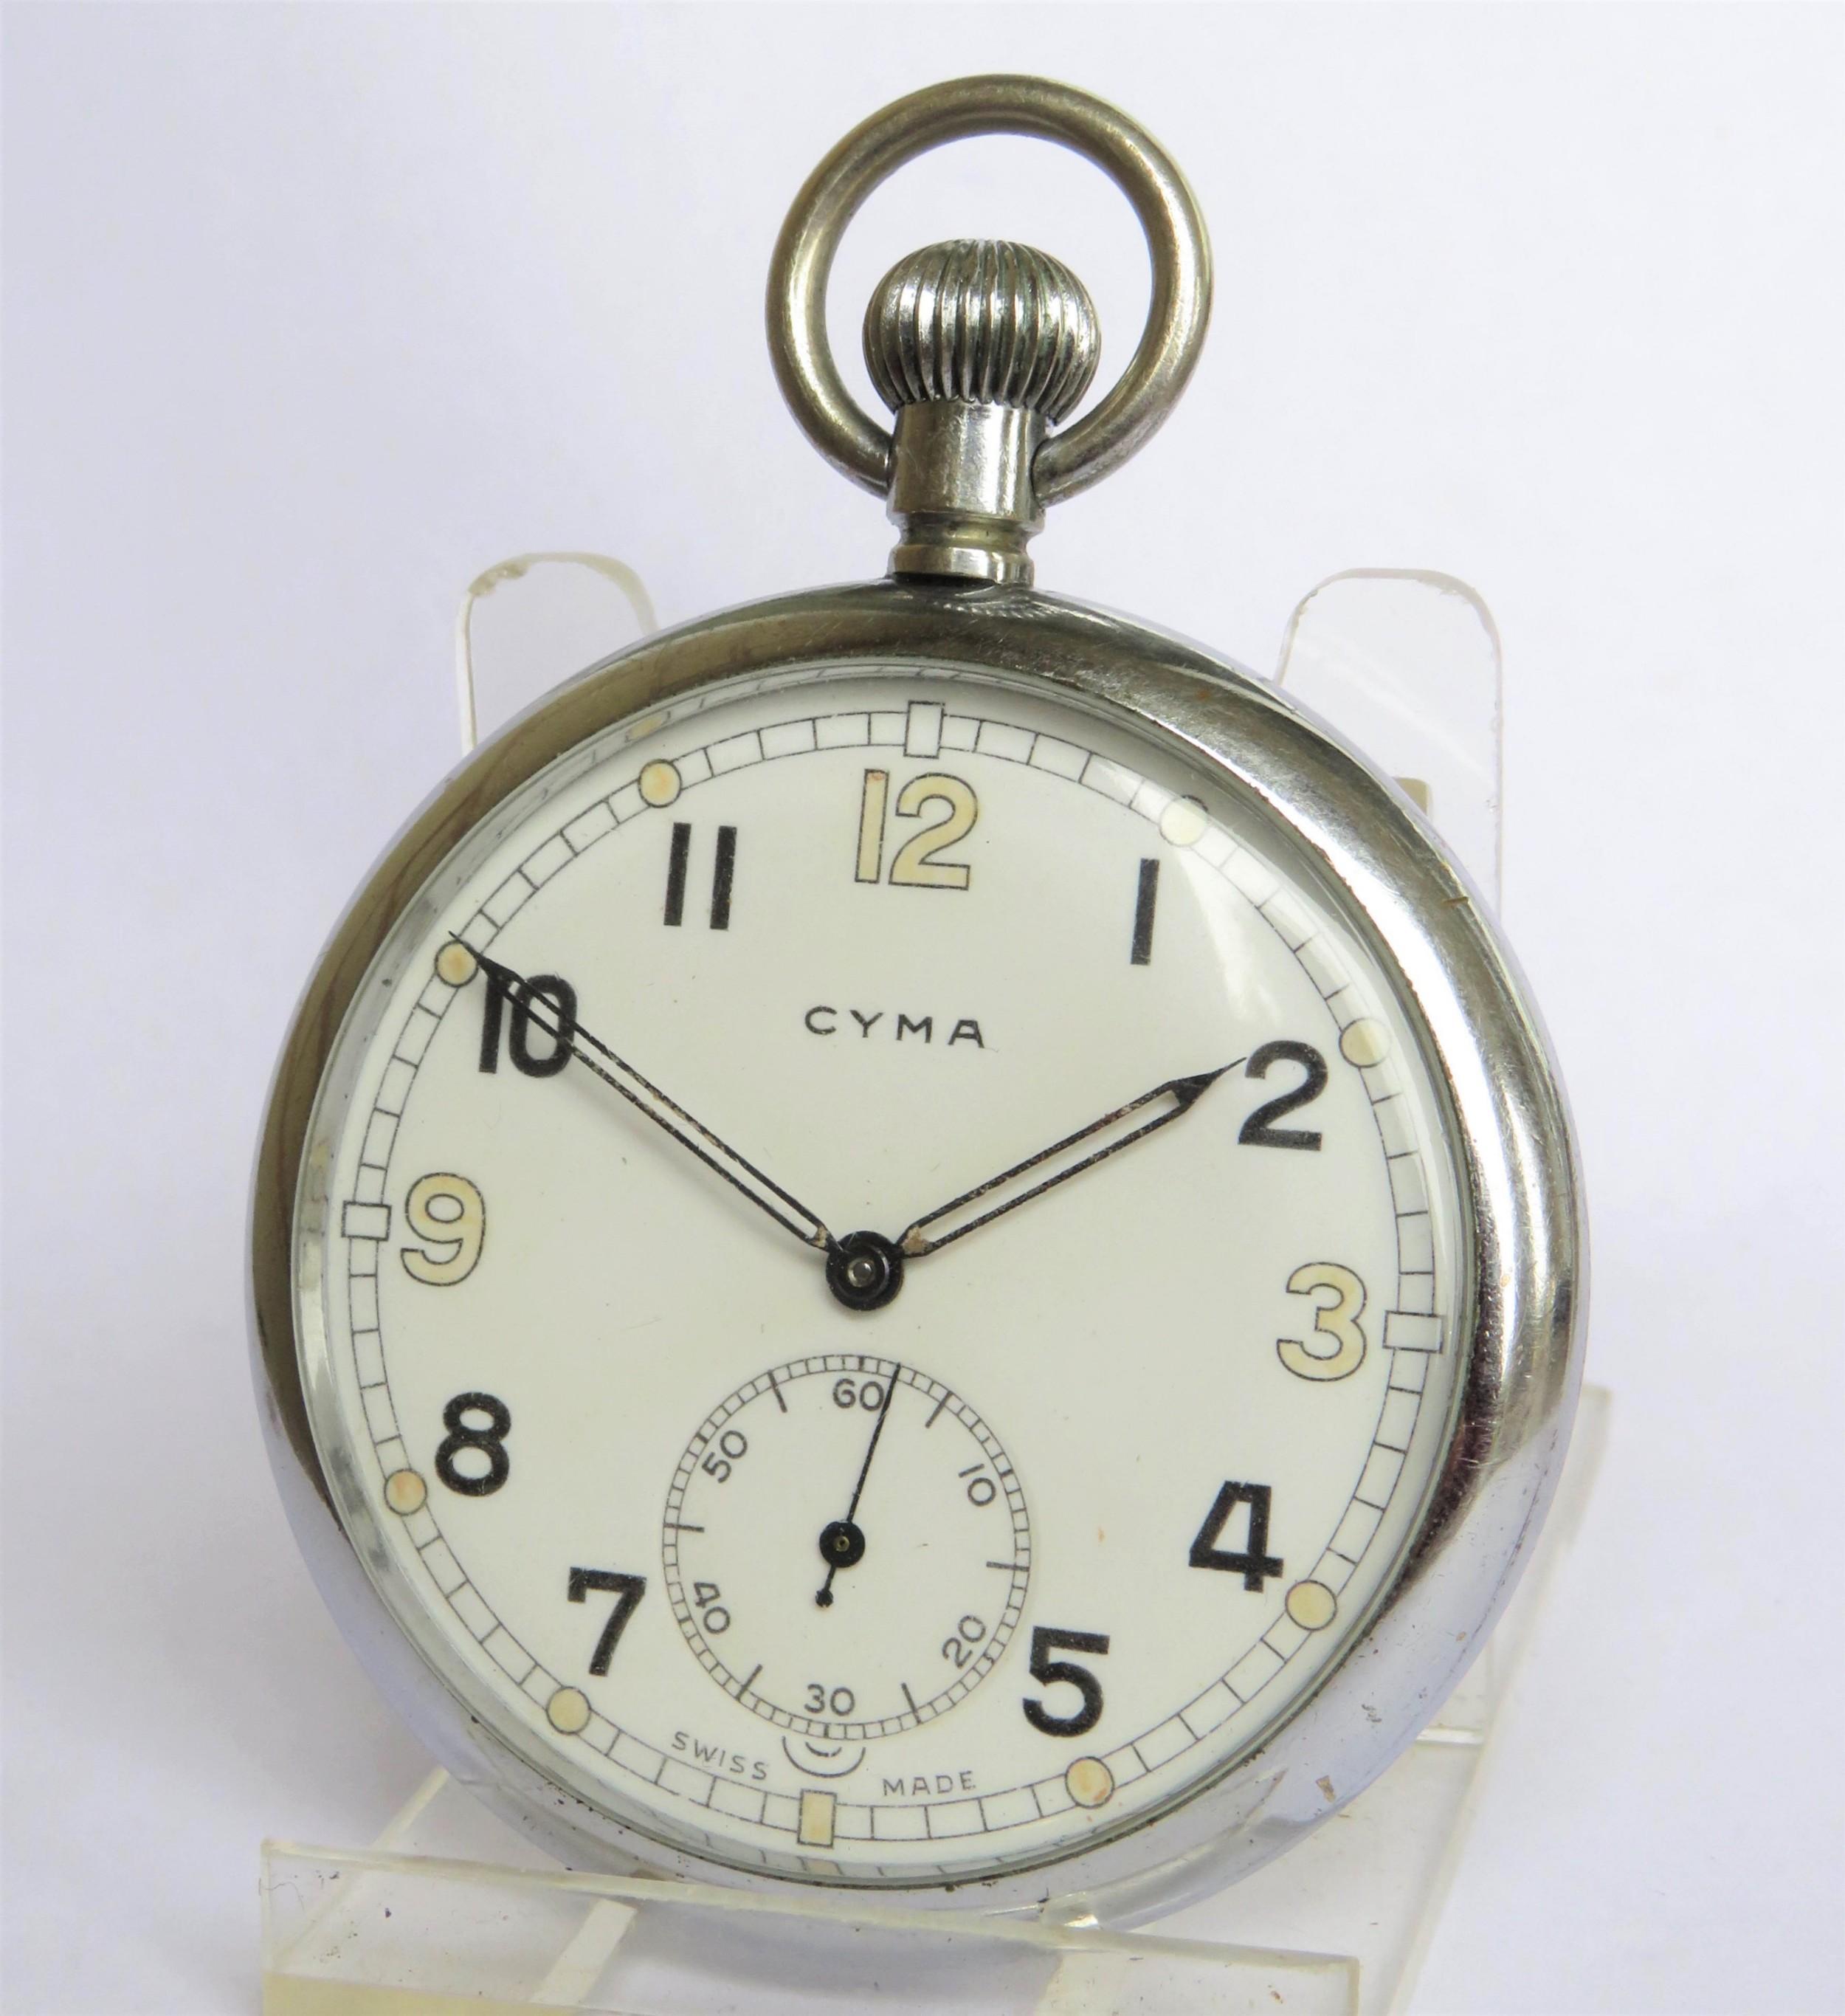 1940s cyma military pocket watch